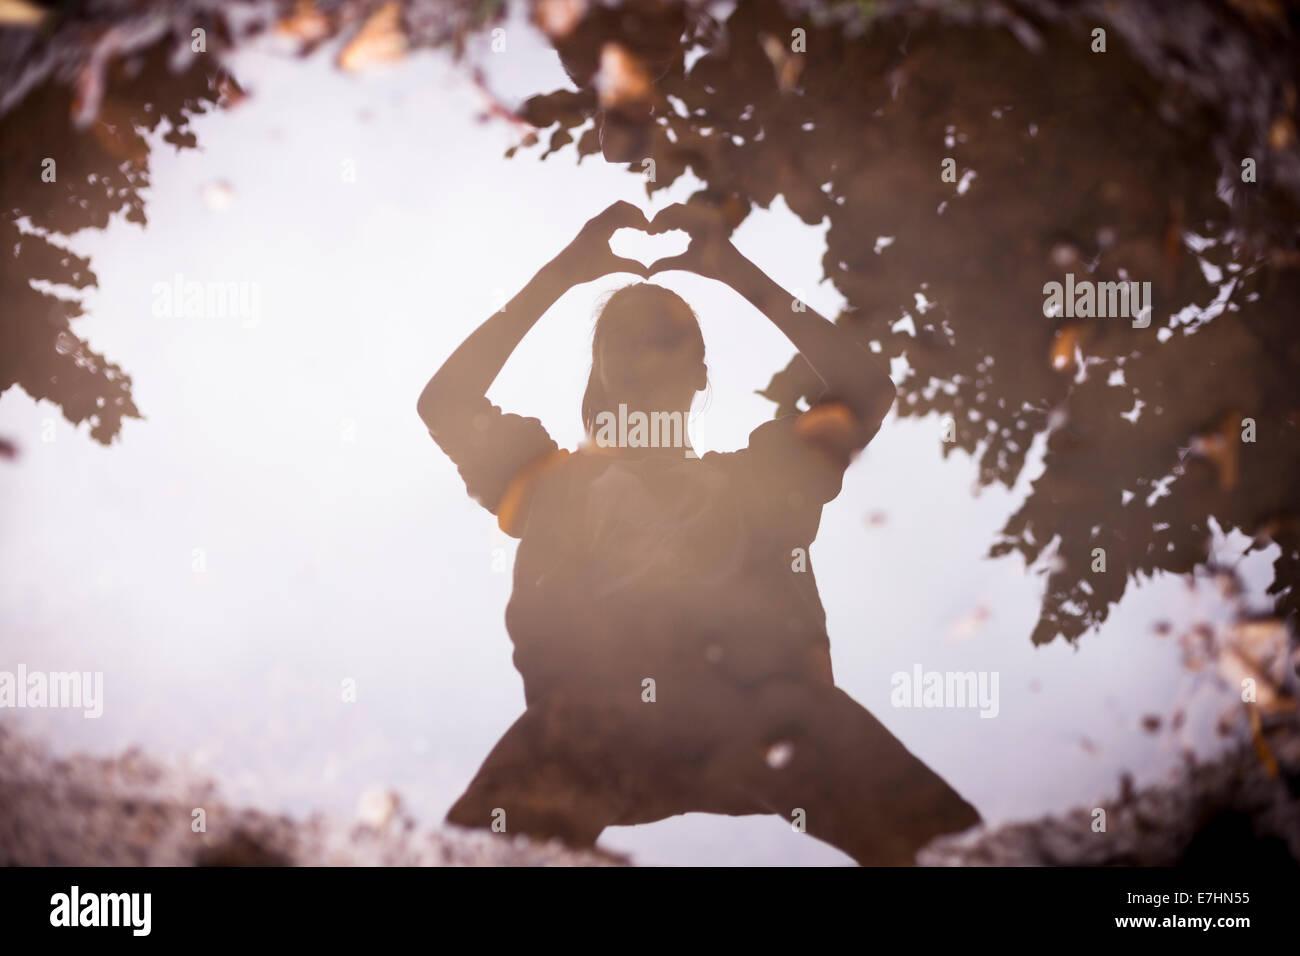 Reflet dans une flaque d'une personne qui forme un coeur avec ses mains. Photo Stock